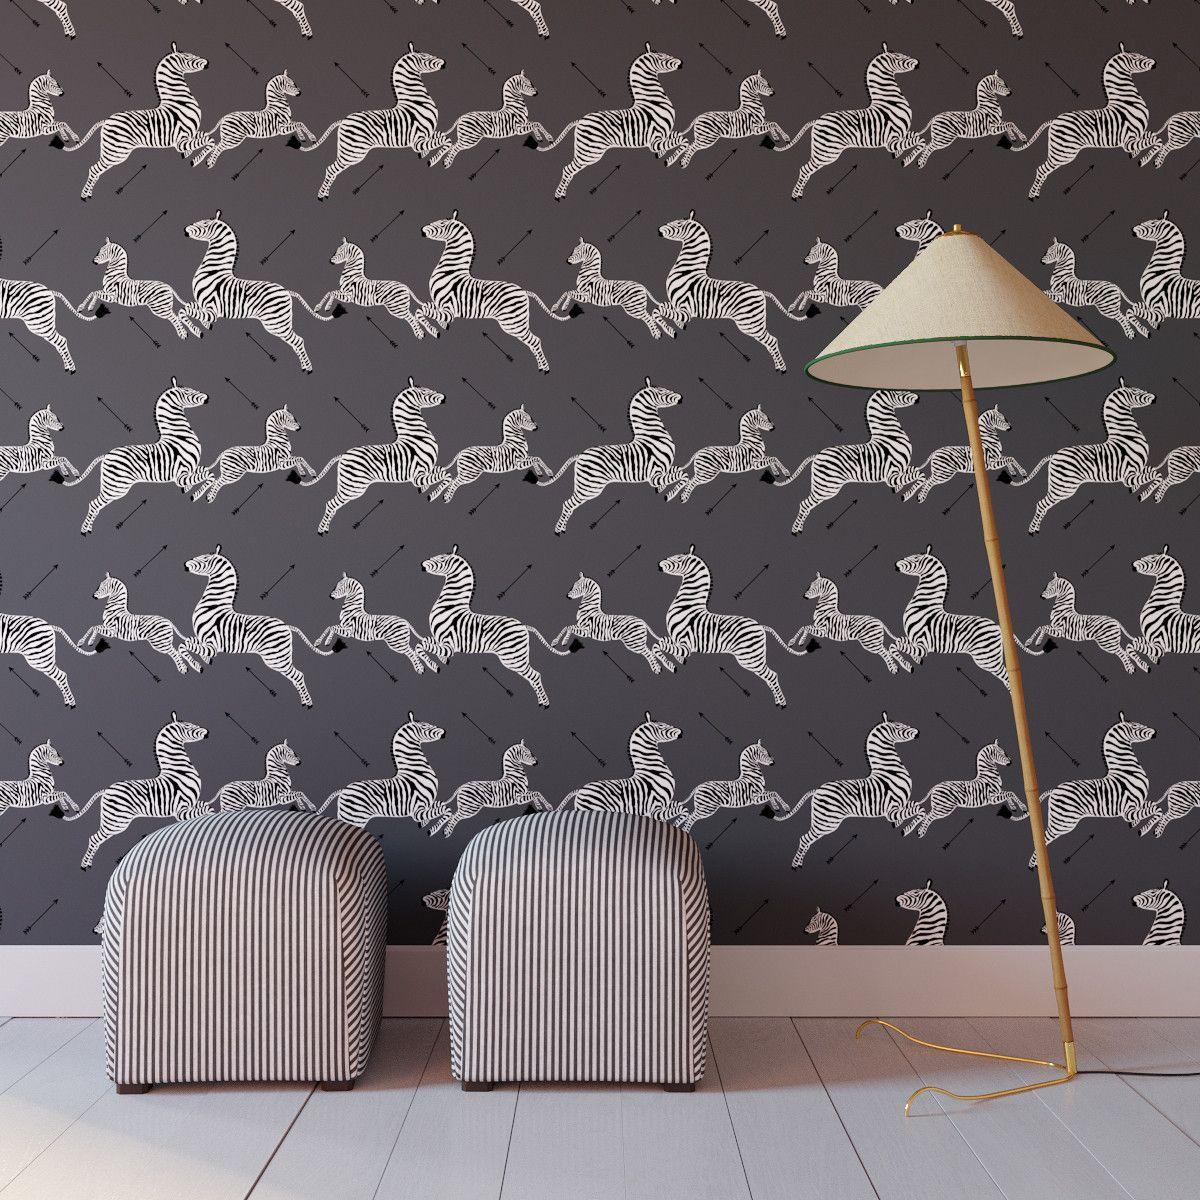 Slate Zebra Upholstered Custom Peel And Stick Wallpaper Roll In 2021 Zebra Wallpaper Wallpaper Roll Zebra Print Wallpaper